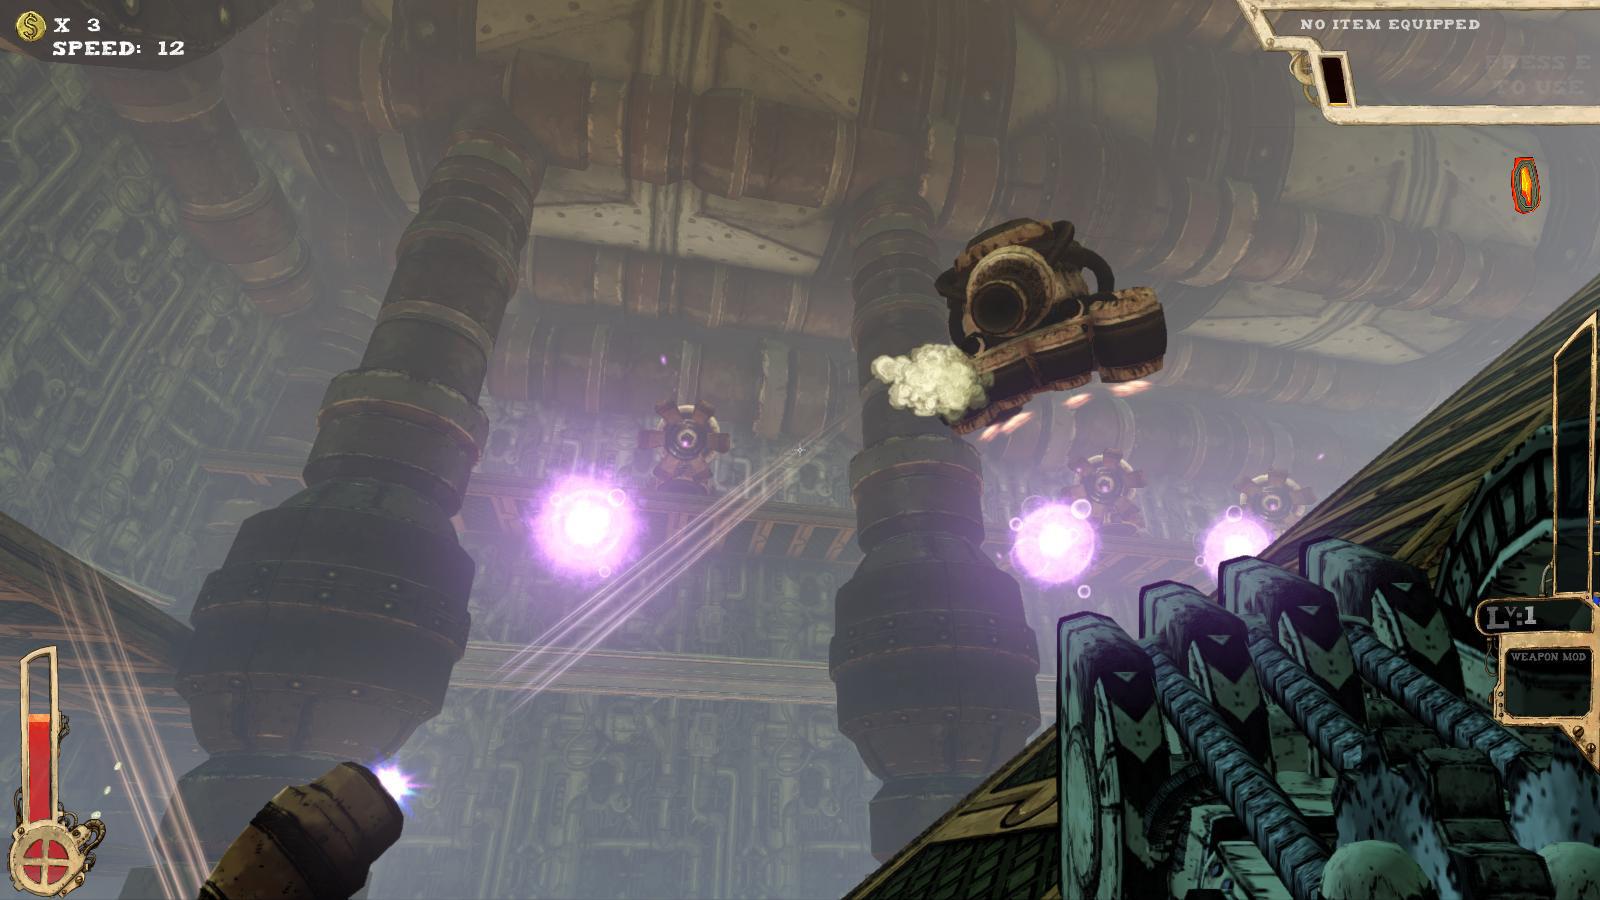 Tower of Guns 3